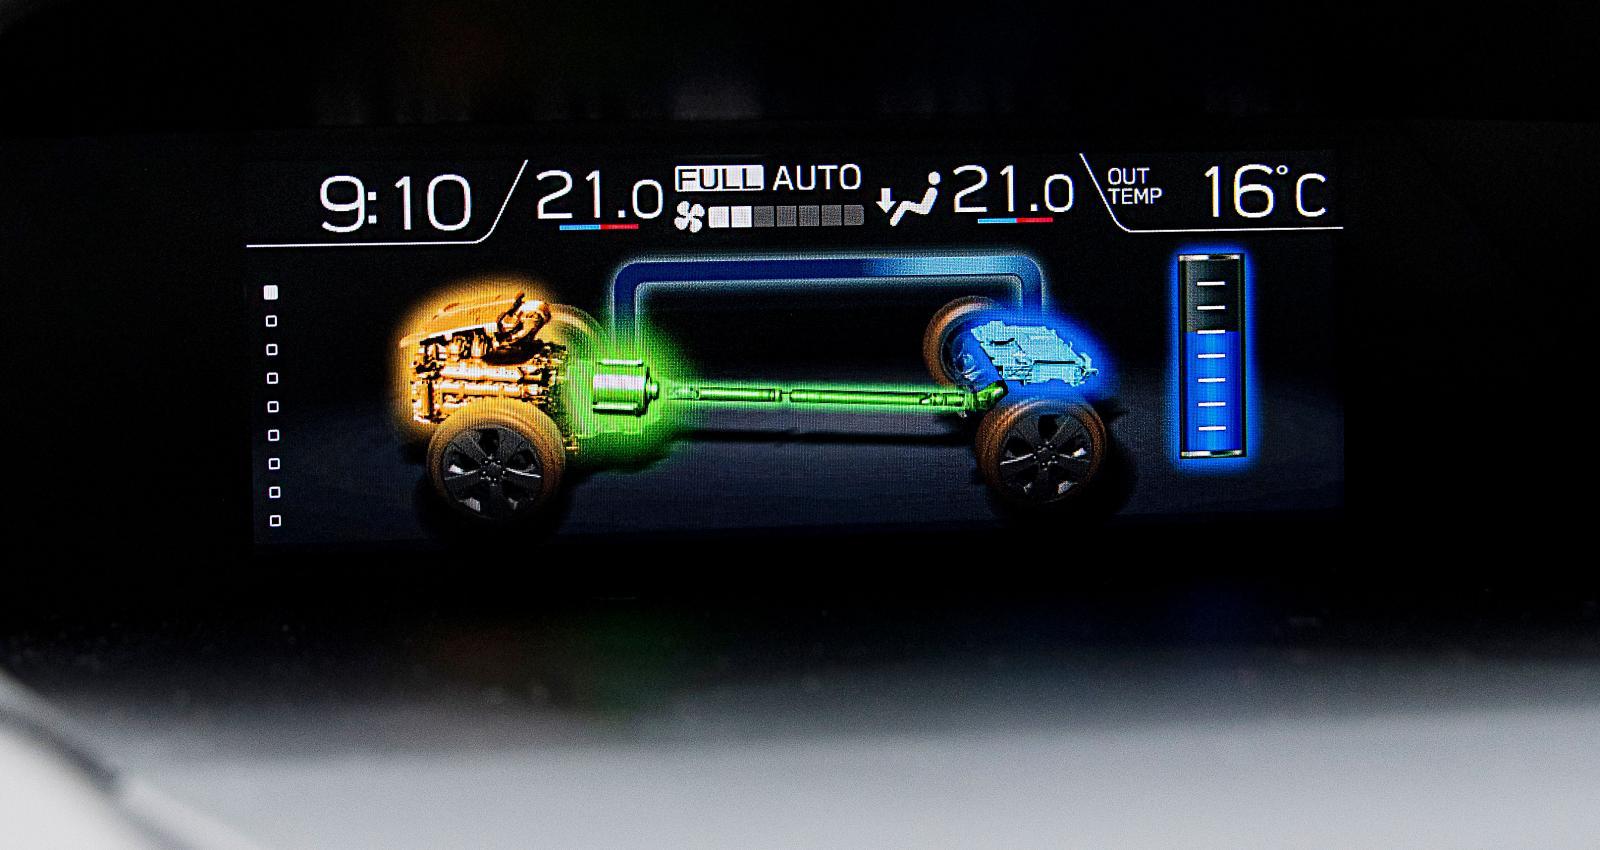 Displayen ovanpå panelen redovisar vilken motor som arbetar. Här stöttas förbränningsmotorn av el.